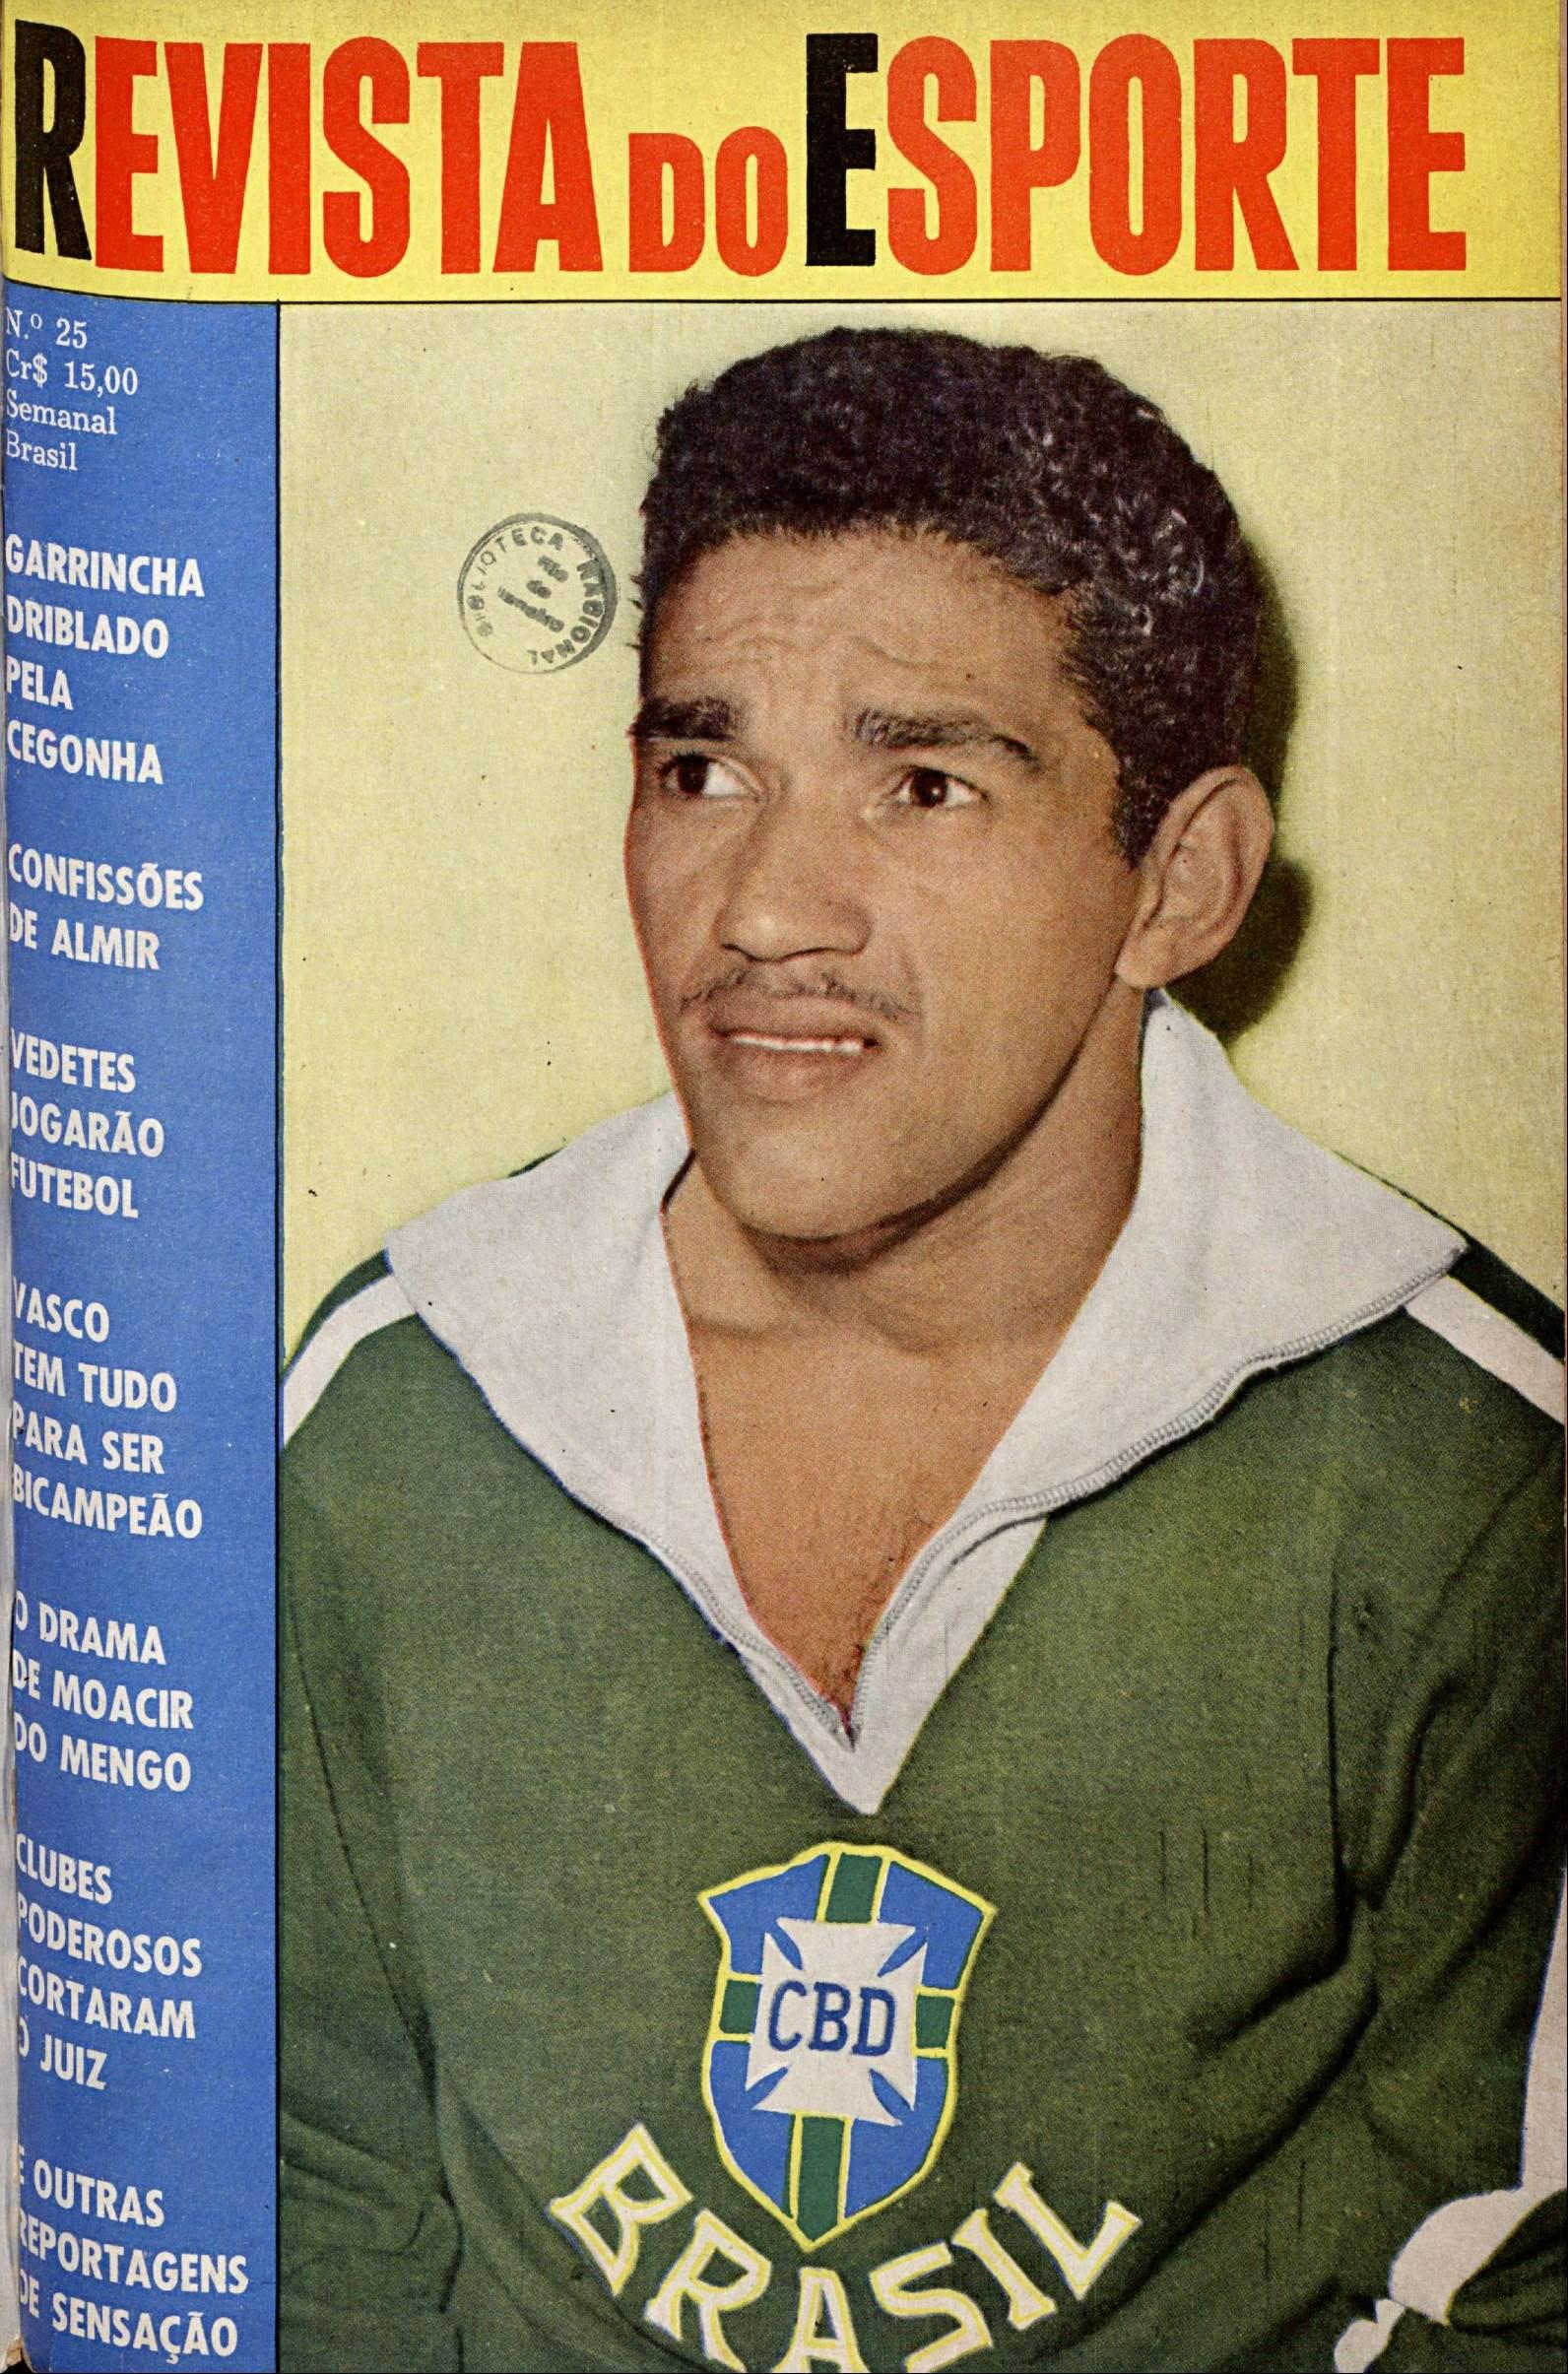 1959-garrincha